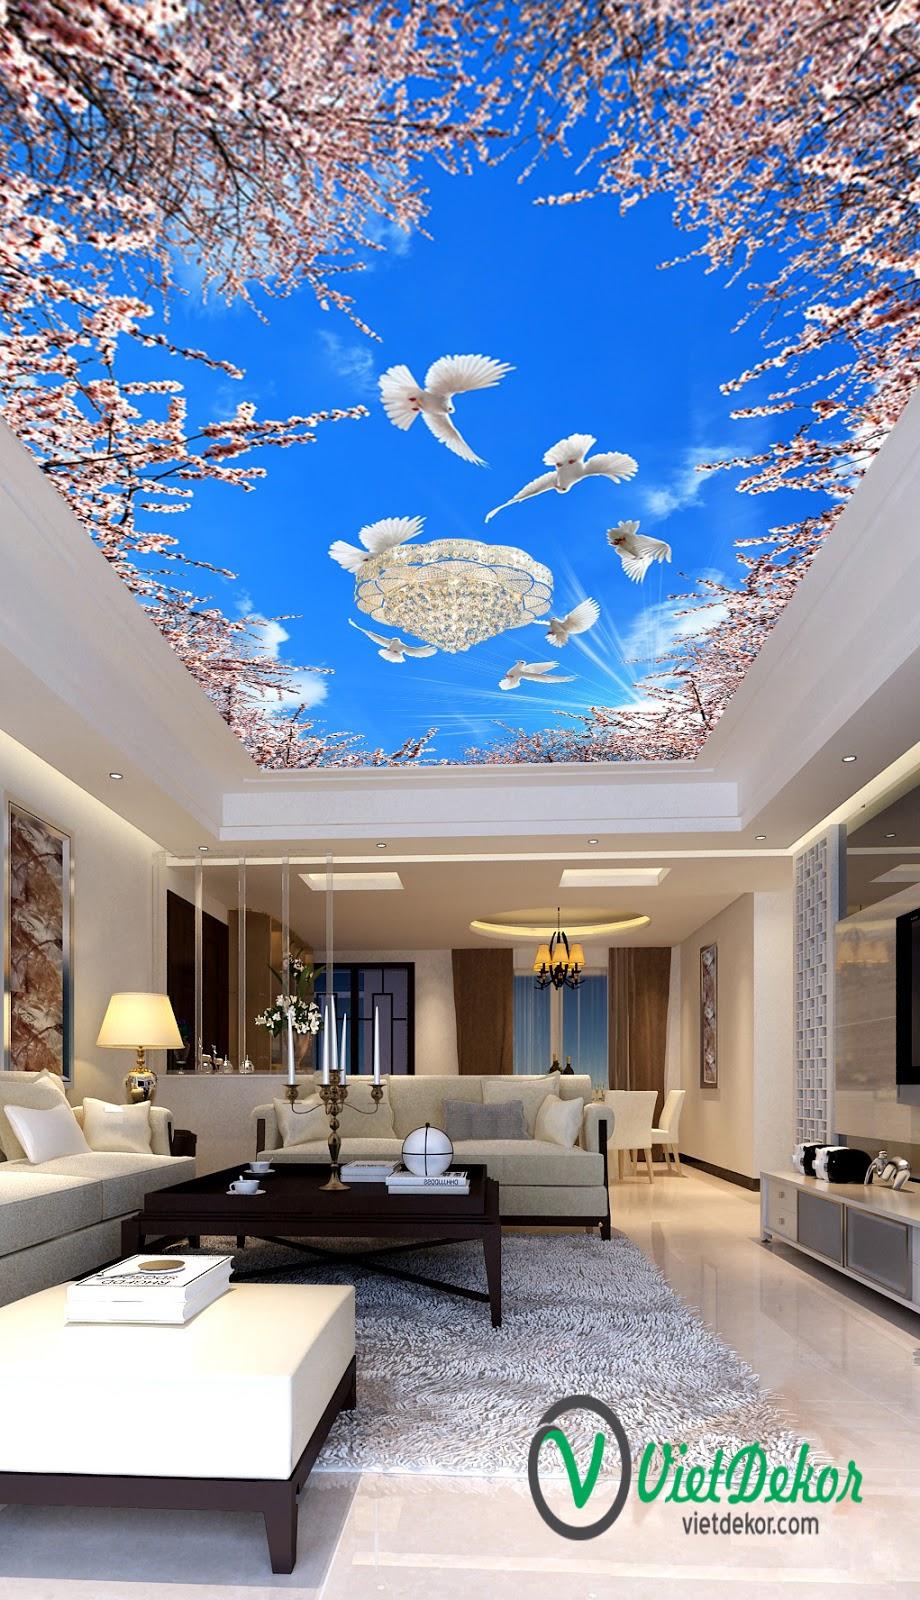 Tranh trần 3d bầu trời xanh cò bay hoa đào nở